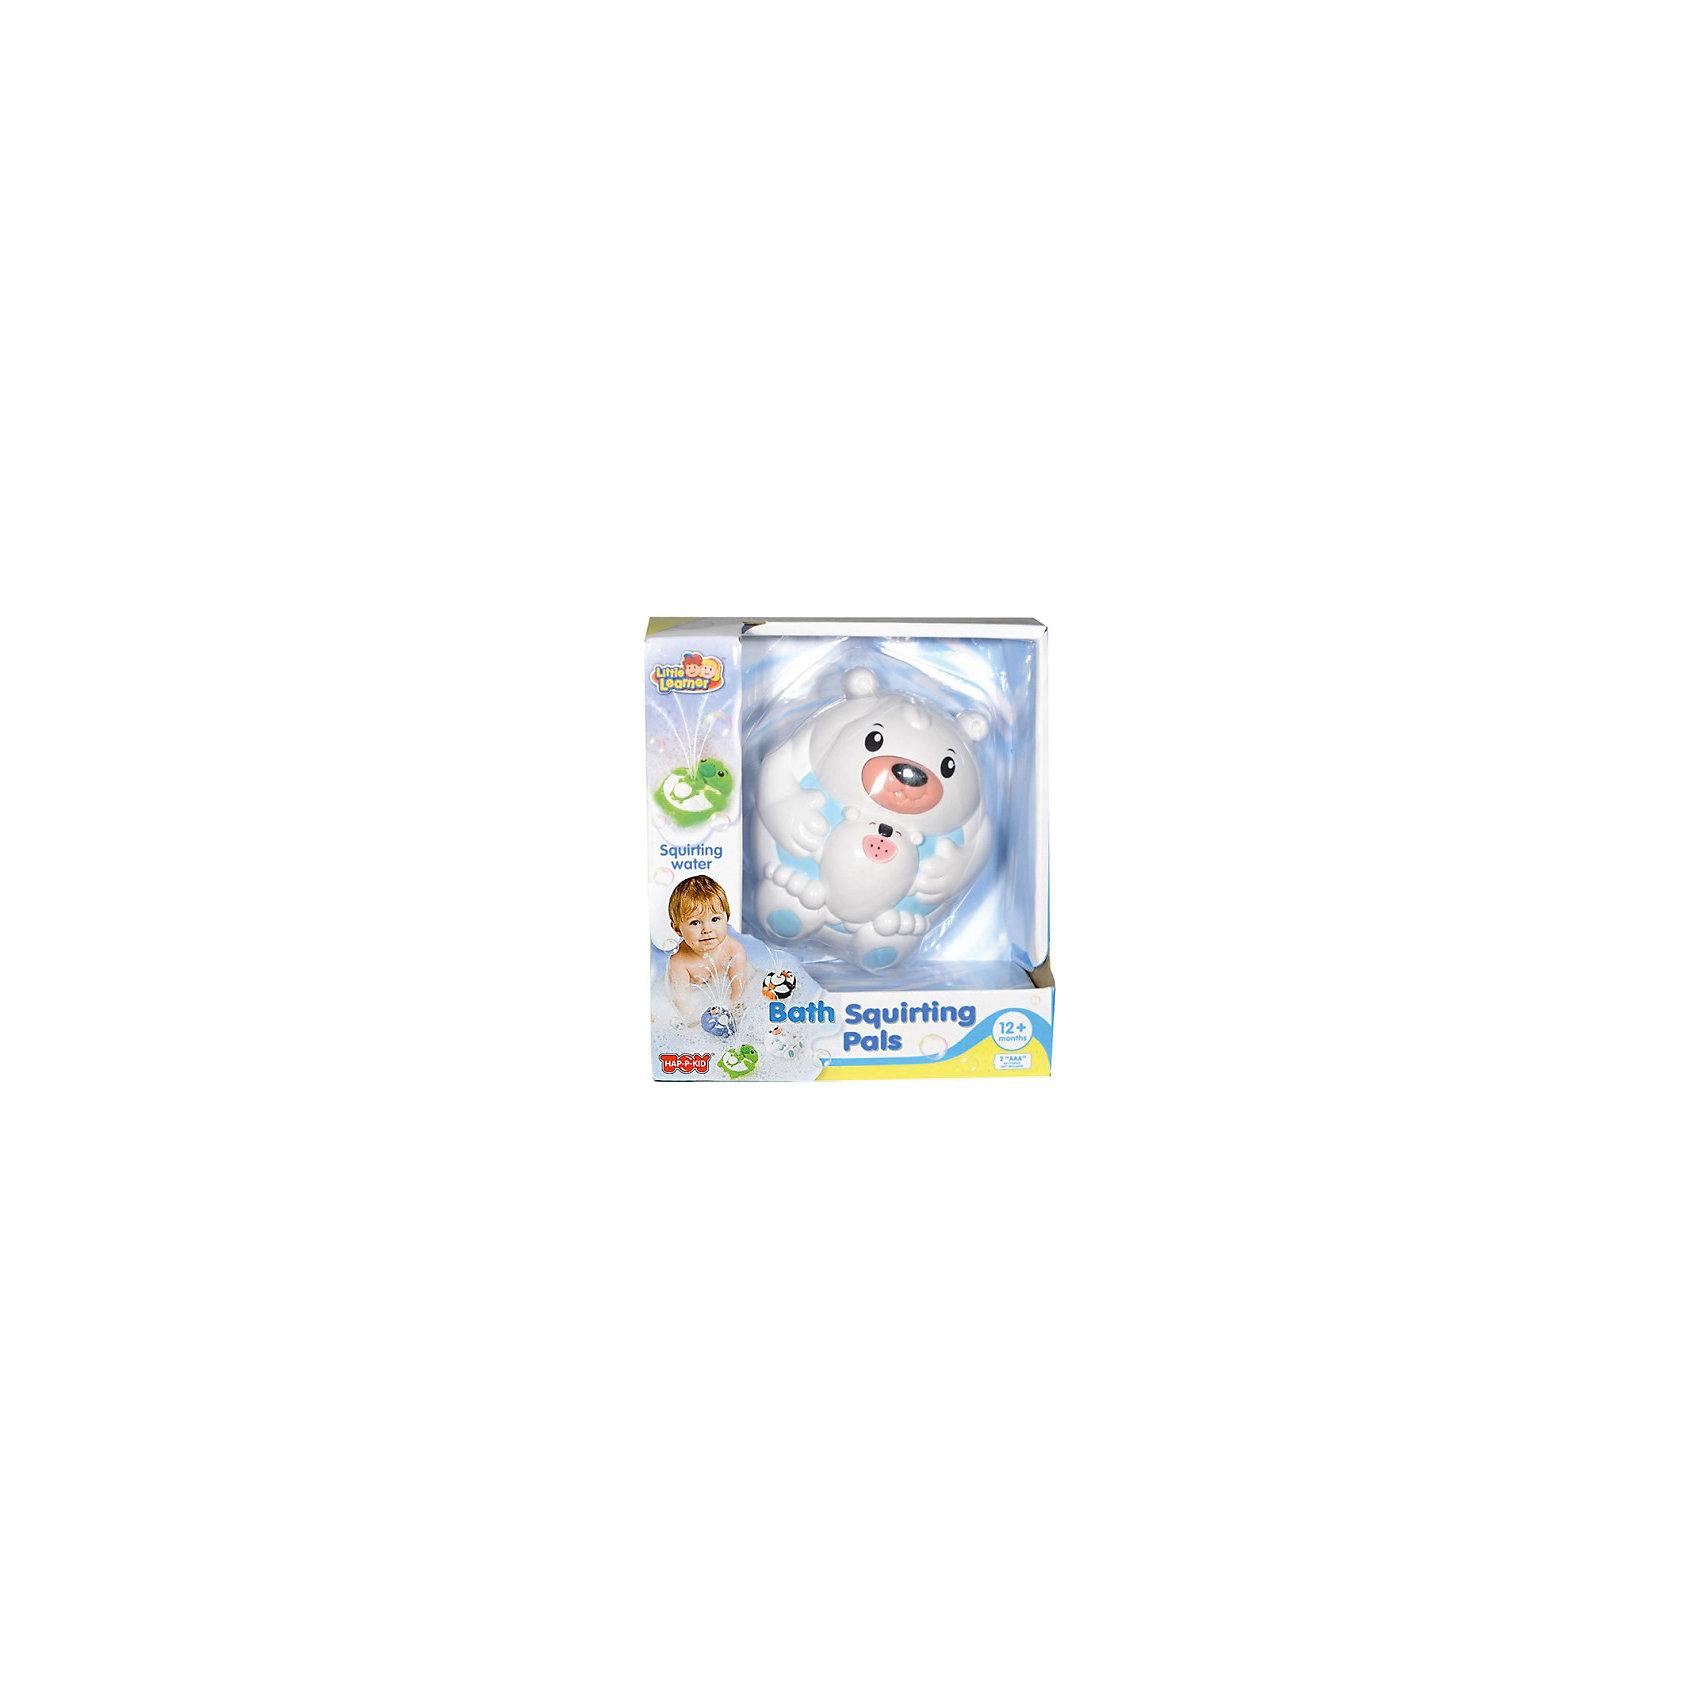 Игрушка для ванной Полярный мишка, HAP-P-KIDИгрушка для ванной Полярный мишка, Happy Kid (Хэппи Кид) – эта забавная игрушка развеселит вашего малыша во время купания.<br>Игрушка для ванной Полярный мишка от Happy Kid (Хэппи Кид) привлечет внимание вашего малыша и превратит купание в веселую игру! Игрушка выполнена в виде белого медведя лежащего на спине и держащего медвежонка. Игрушка прекрасно держатся на воде, не тонет. Если нажать на нос медведя, то из ротика медвежонка брызнет фонтан воды, что, несомненно, позабавит ребенка. Эта яркая игрушка для ванной поможет вашему малышу развить координацию движений, ловкость, внимание, а также справиться с боязнью воды. Игрушка изготовлена из высококачественных материалов, соответствует требованиям безопасности.<br><br>Дополнительная информация:<br><br>- Размер: 11 х 12 х 7 см.<br>- Материал: винил, резина, пластик<br>- Цвет: белый,голубой<br>- Батарейки: 2 типа ААА (в комплект не входят)<br>- Размер упаковки: 16,5 x 18,4 x 8,6 см.<br>- Вес: 290 гр.<br><br>Игрушку для ванной Полярный мишка, Happy Kid (Хэппи Кид) можно купить в нашем интернет-магазине.<br><br>Ширина мм: 165<br>Глубина мм: 184<br>Высота мм: 86<br>Вес г: 290<br>Возраст от месяцев: 12<br>Возраст до месяцев: 36<br>Пол: Унисекс<br>Возраст: Детский<br>SKU: 4726747